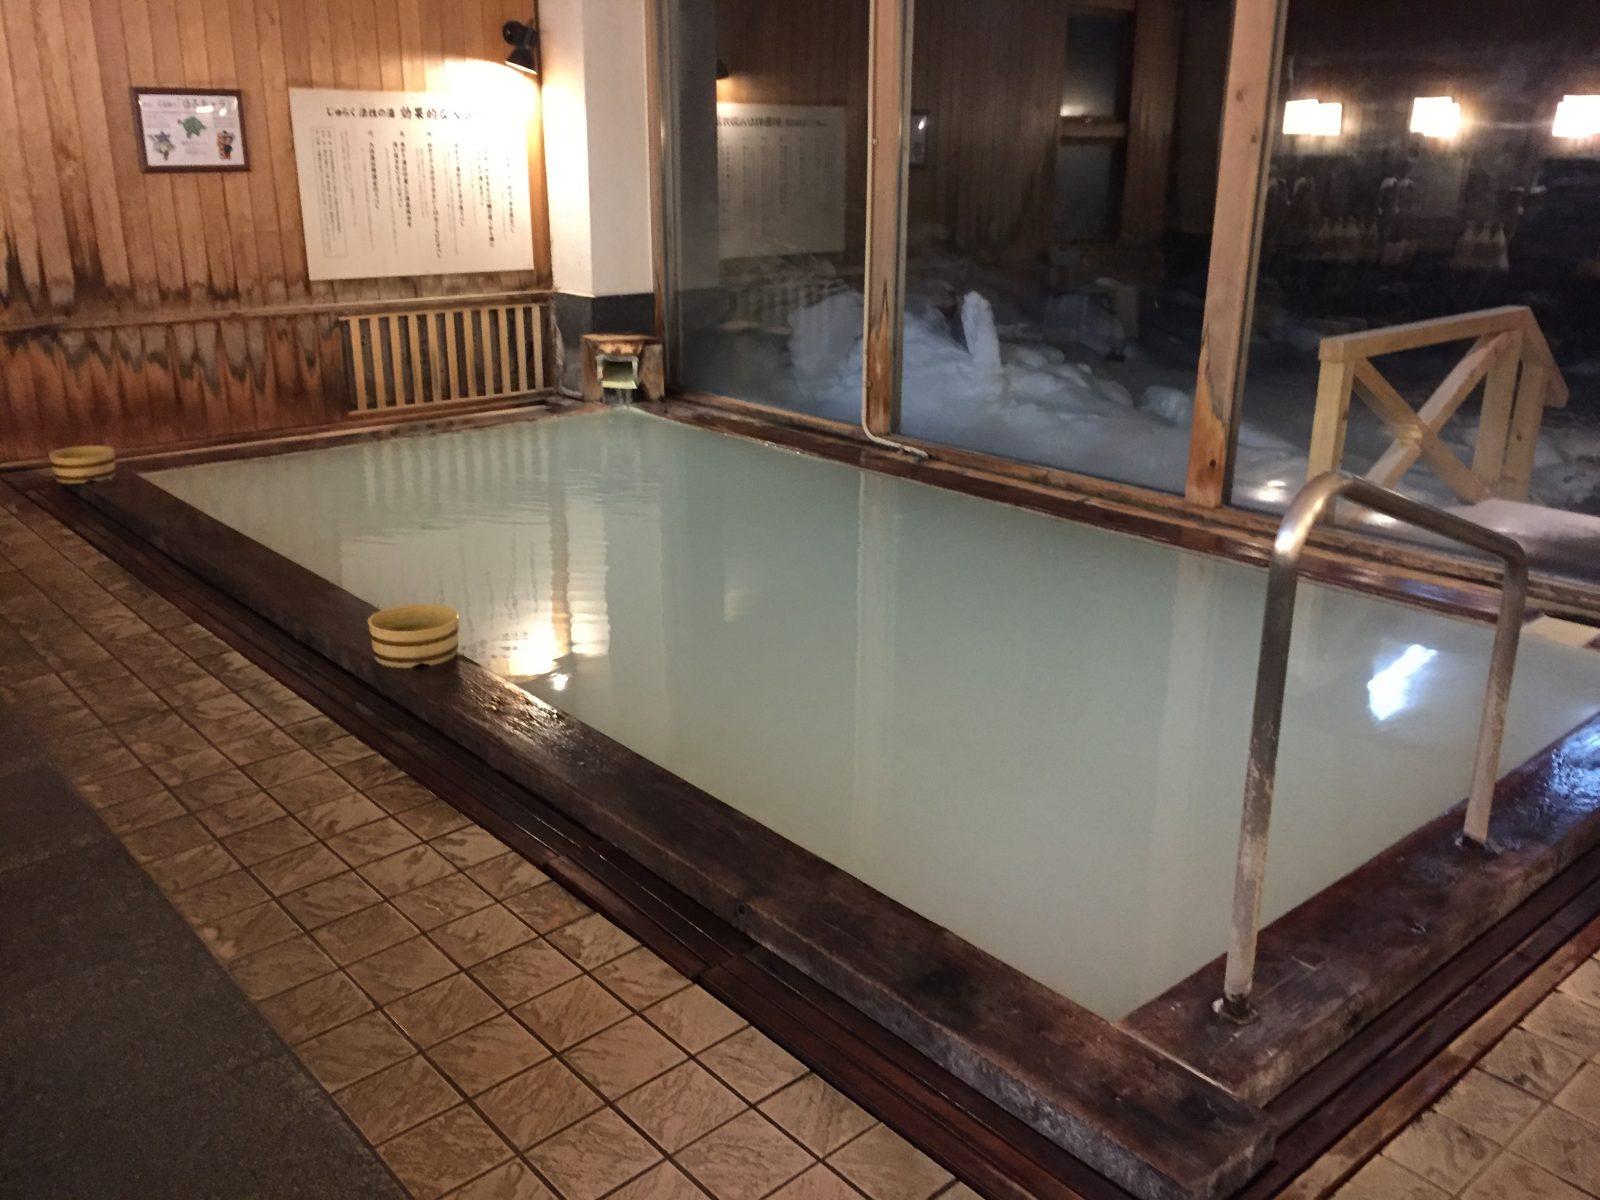 日本一の硫黄泉を求めて 万座温泉ホテル聚楽 宿泊記 その2 (温泉大好き!21 万座温泉 ホテル聚楽)